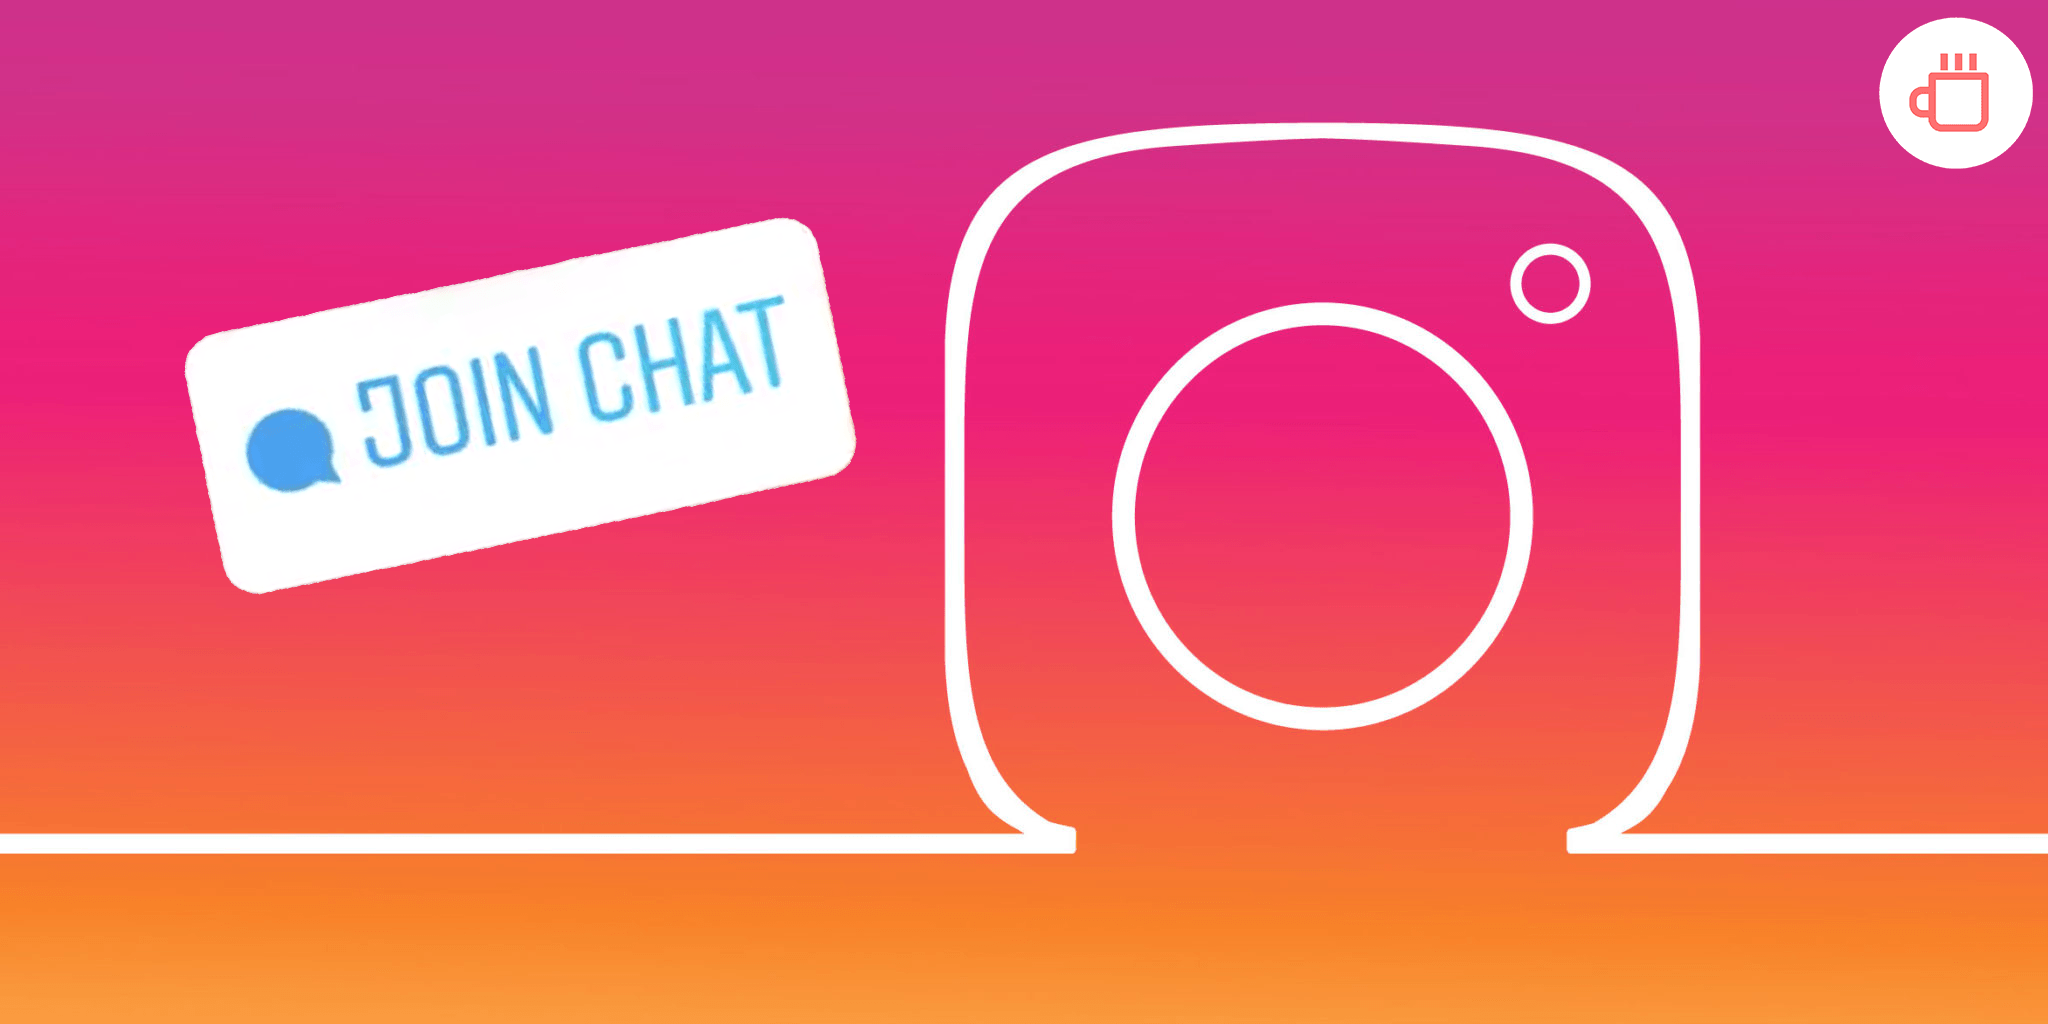 Chat sticker instagram